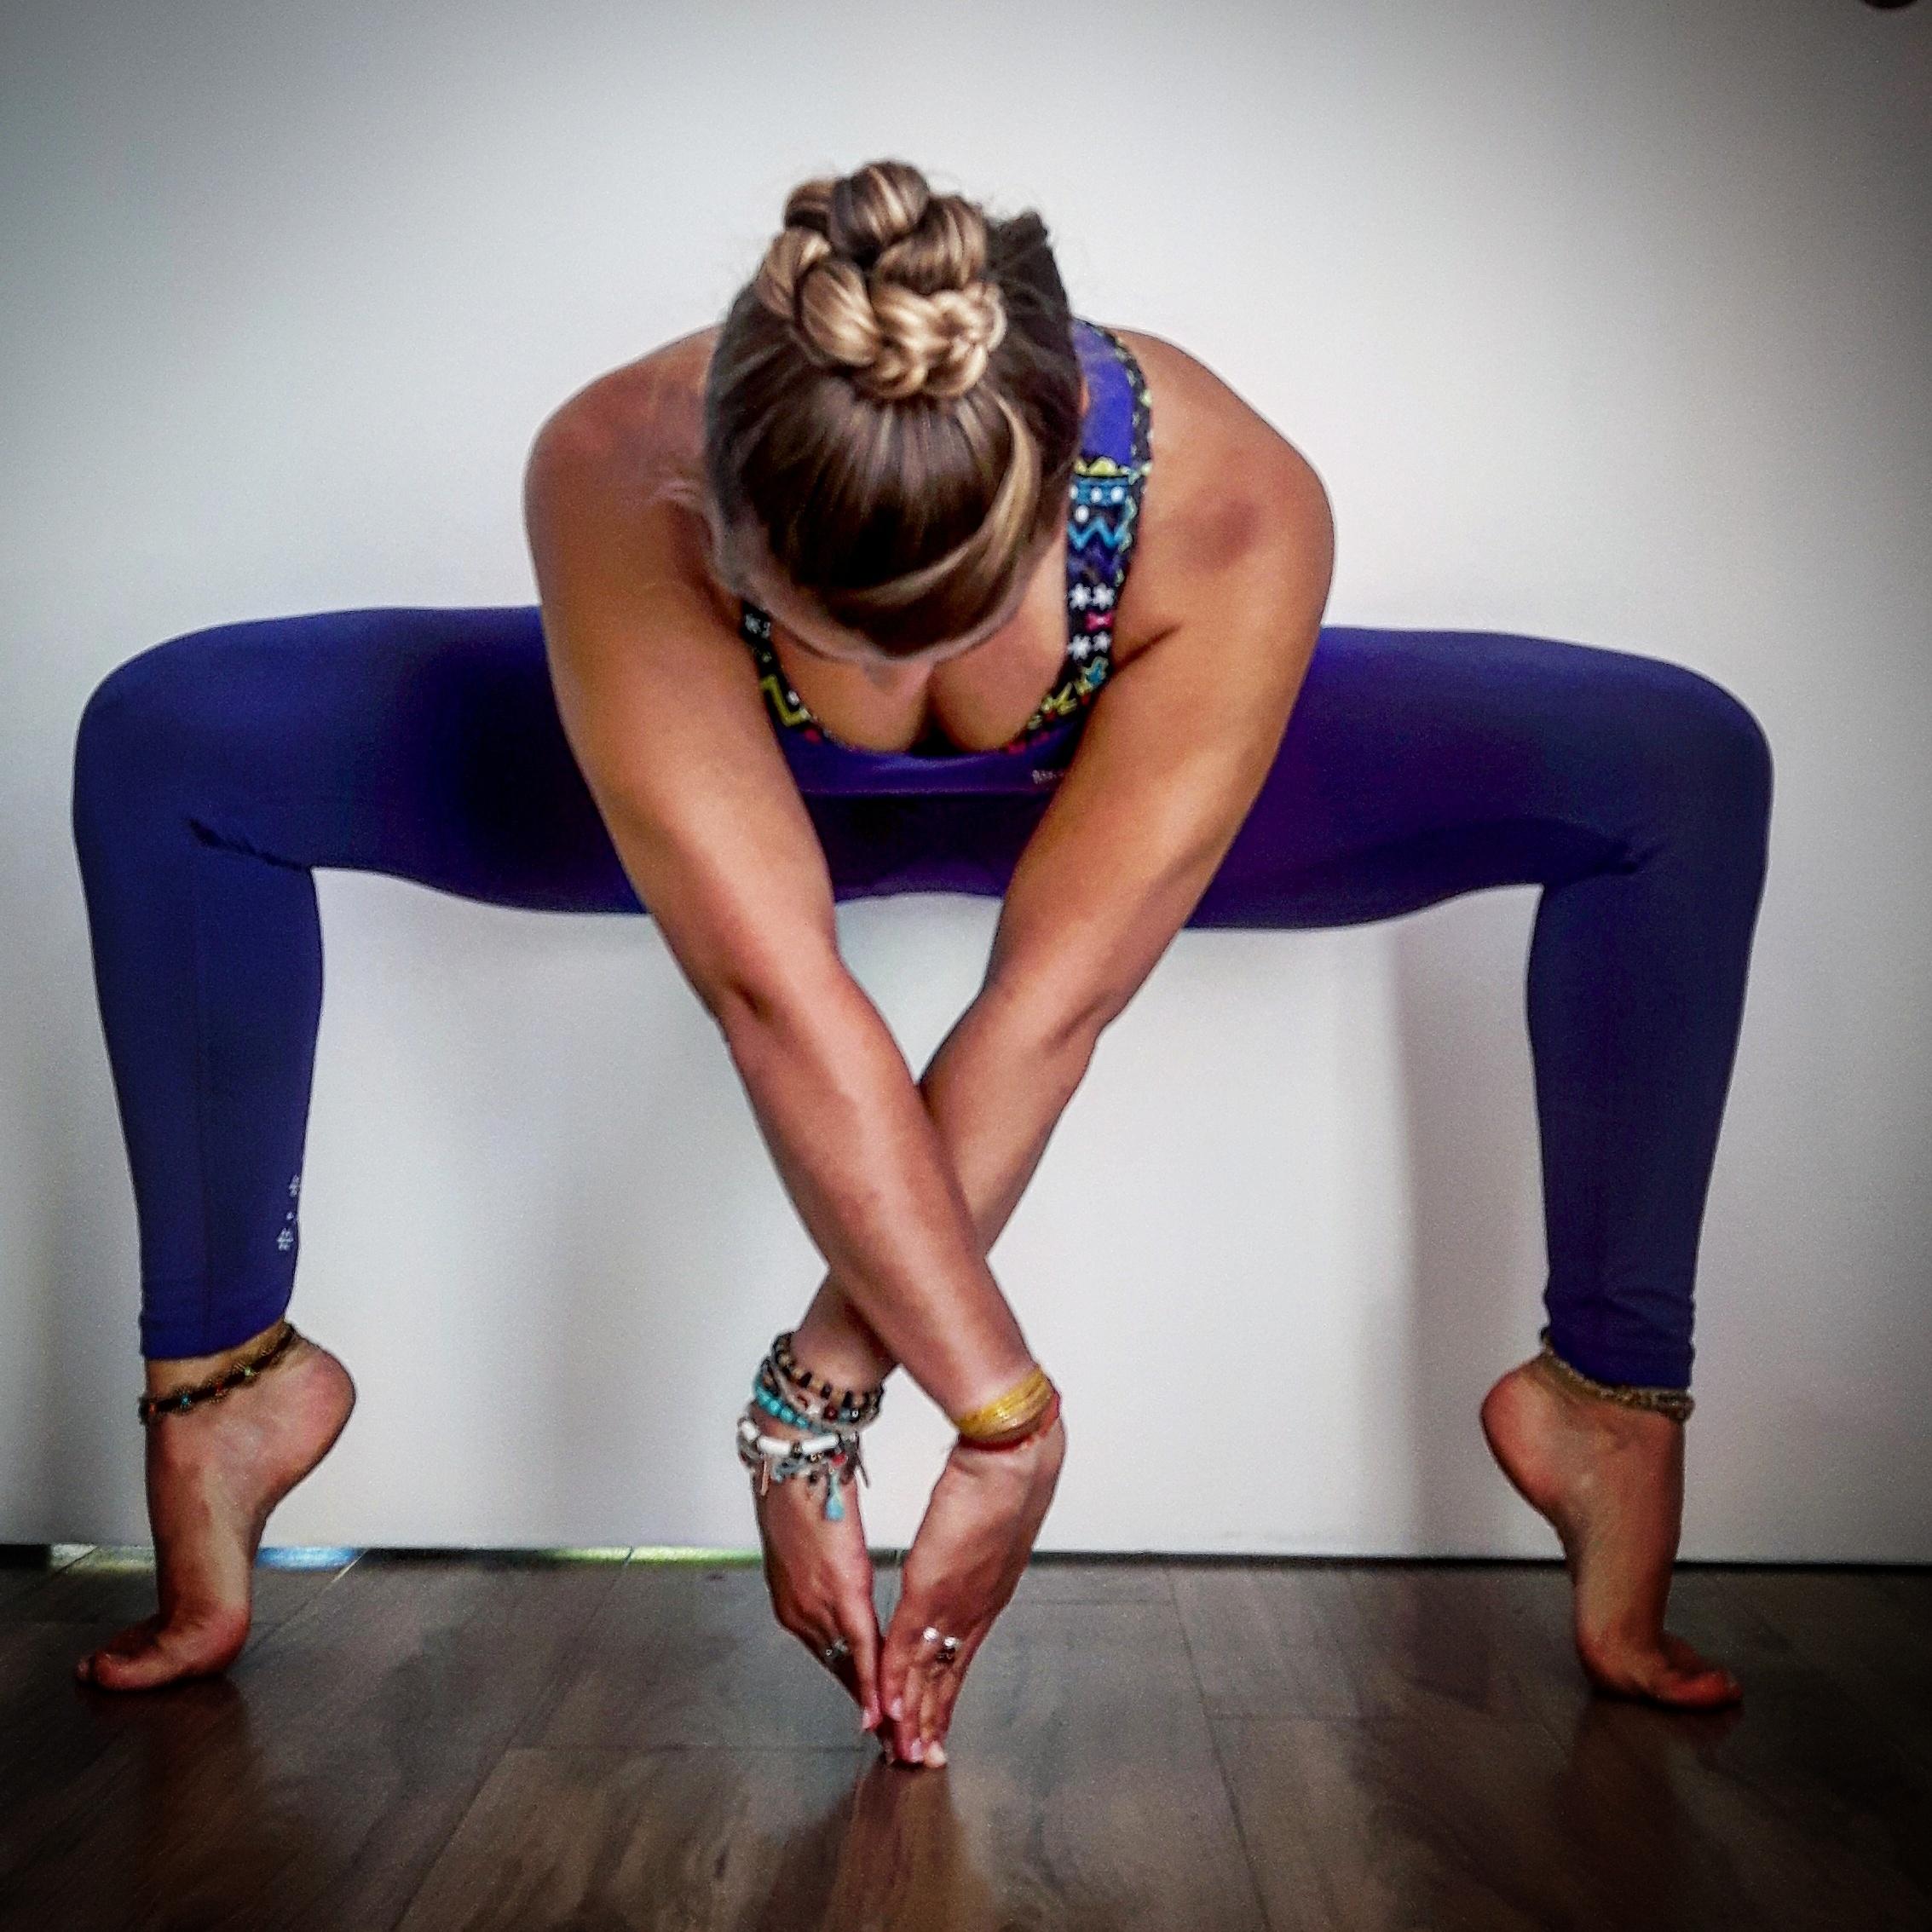 cours yoga avignon particulier